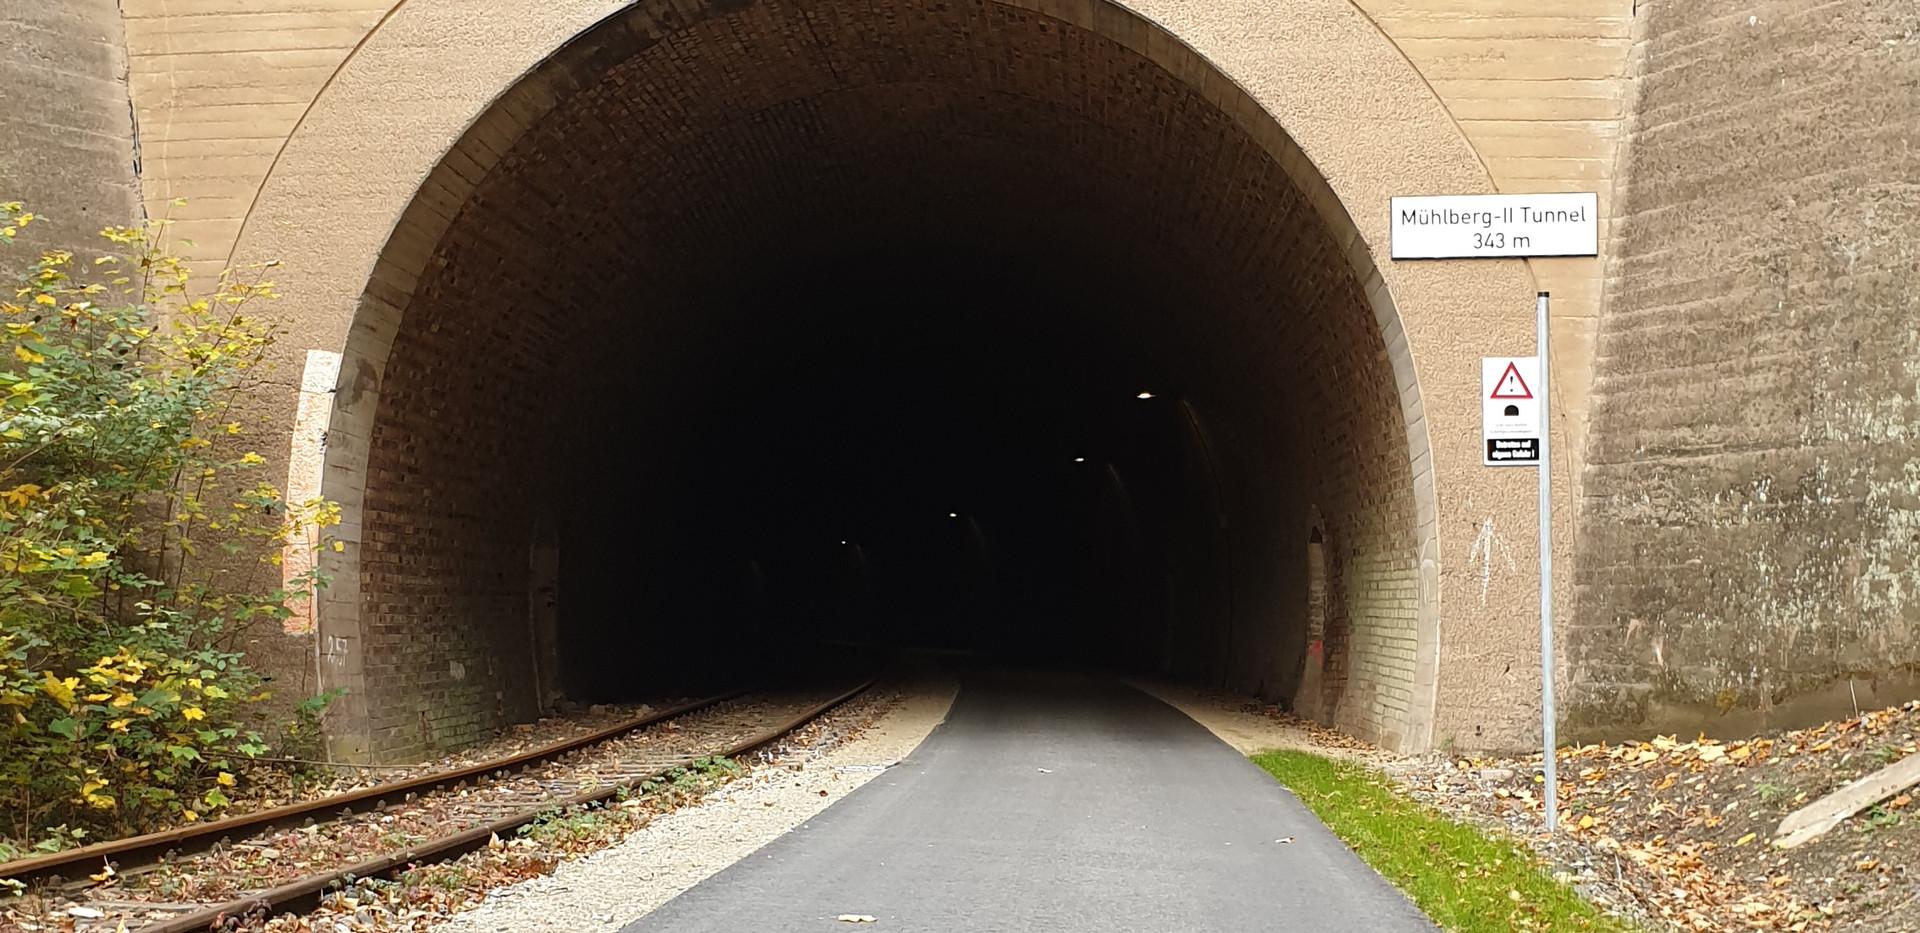 Mühlberg II Tunnel 343 Meter